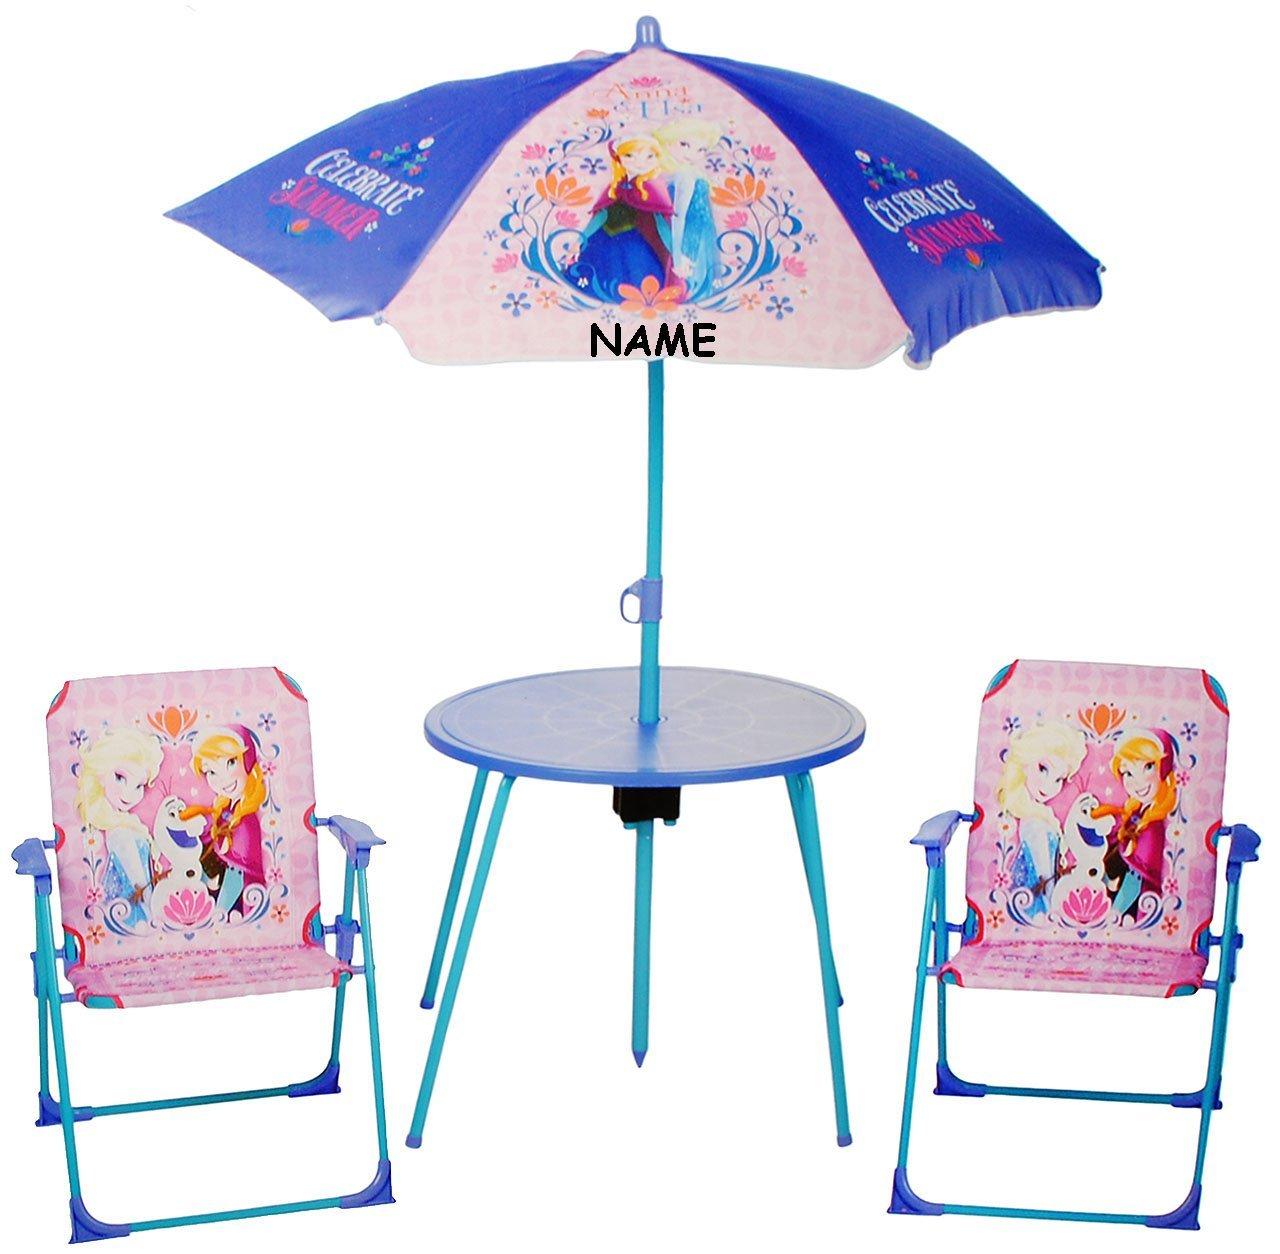 Sitzgruppe - Tisch + 2 Kinderstühle + Sonnenschirm -  Disney die Eiskönigin - Frozen  - incl. Name - für Kinder - Campingstuhl - Klappstühle / kippsicher - für INNEN & AUßEN - Klappstuhl - Kindermöbel für Mädchen & Jungen - Plastik / Nylon & Metall - Stuhl Stühle / Kinderzimmer / Kindertisch - Kinder - Gartenmöbel Kindertischgruppe - völlig unverfroren Prinzessin Elsa Anna Arendelle - Olaf